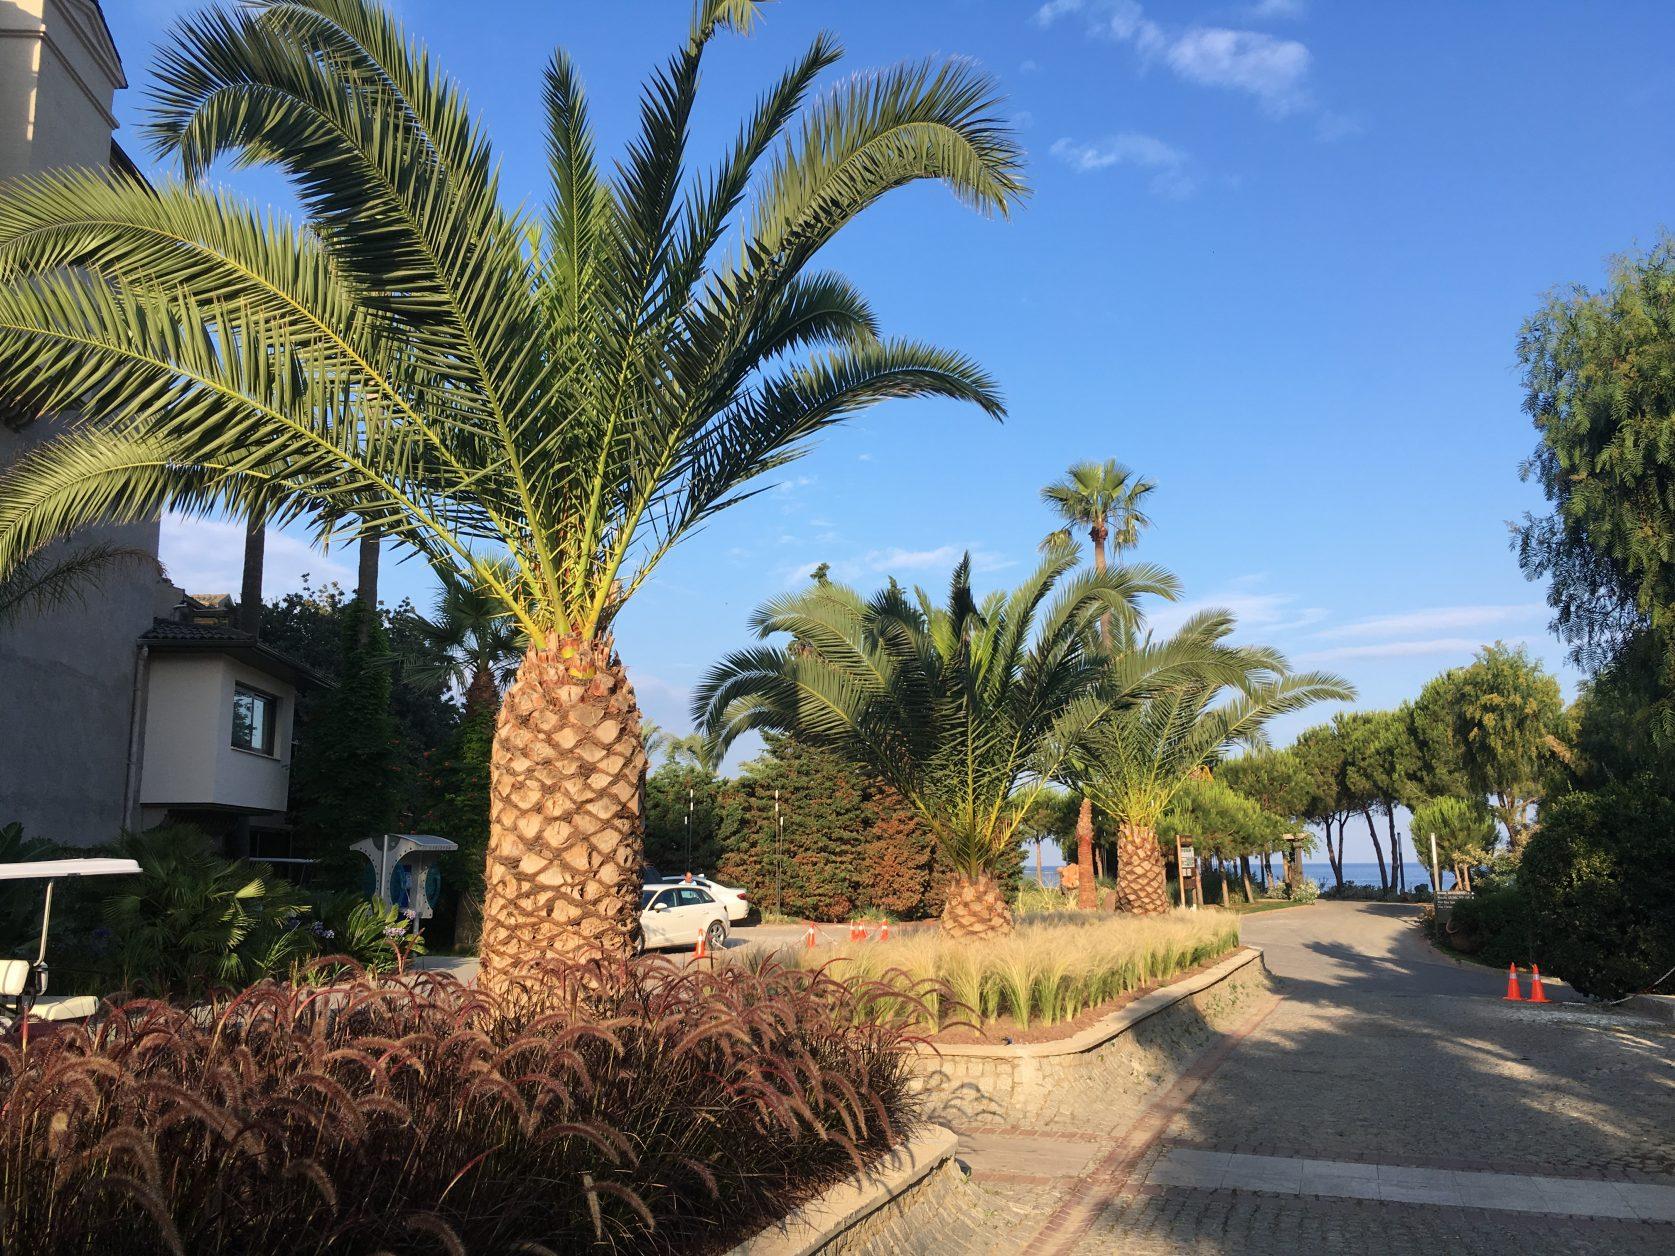 Schöner kann der Weg vom Hotel zum Strand nicht sein